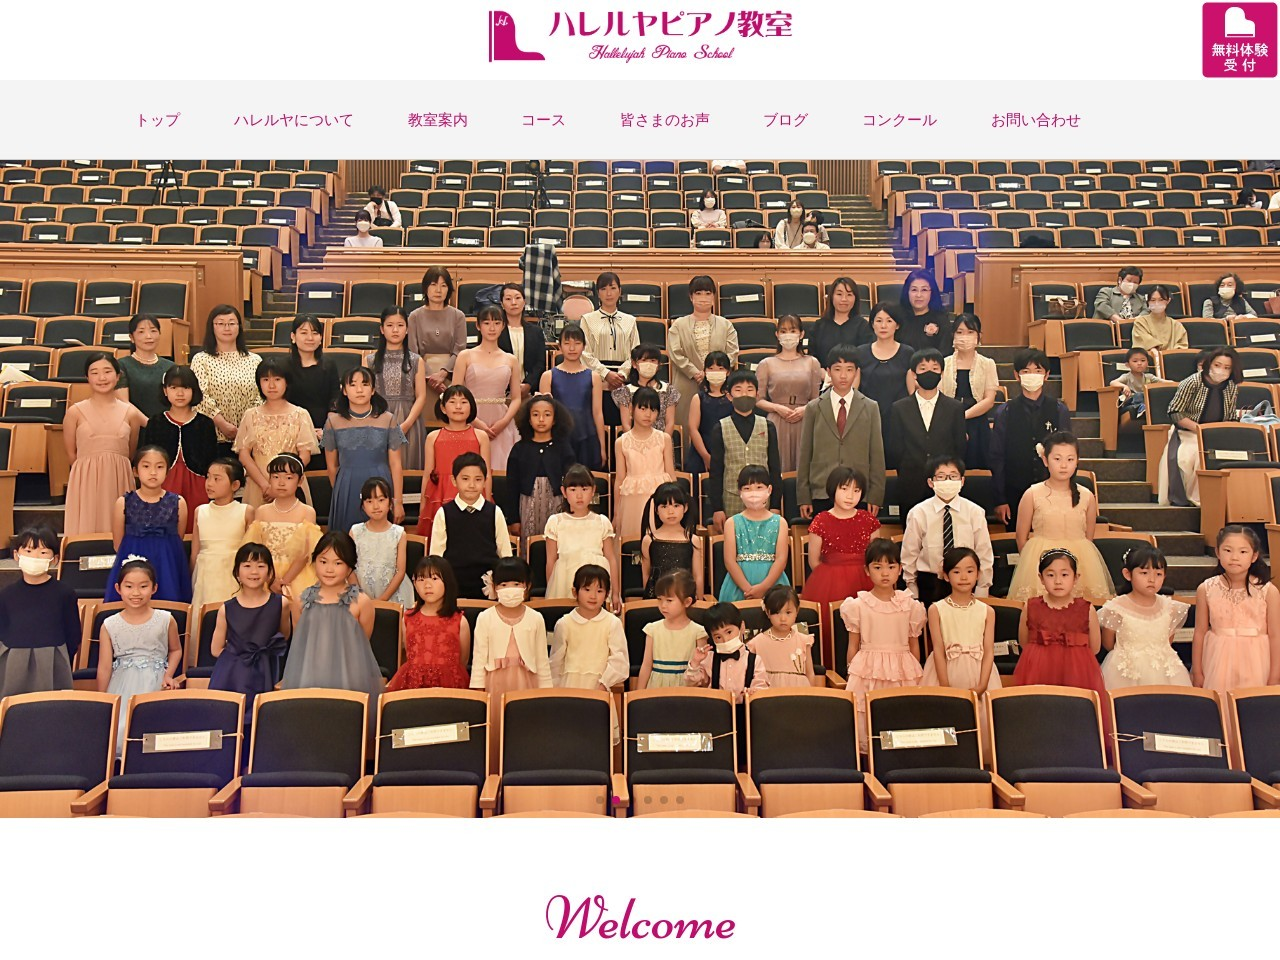 ハレルヤピアノ教室のサムネイル